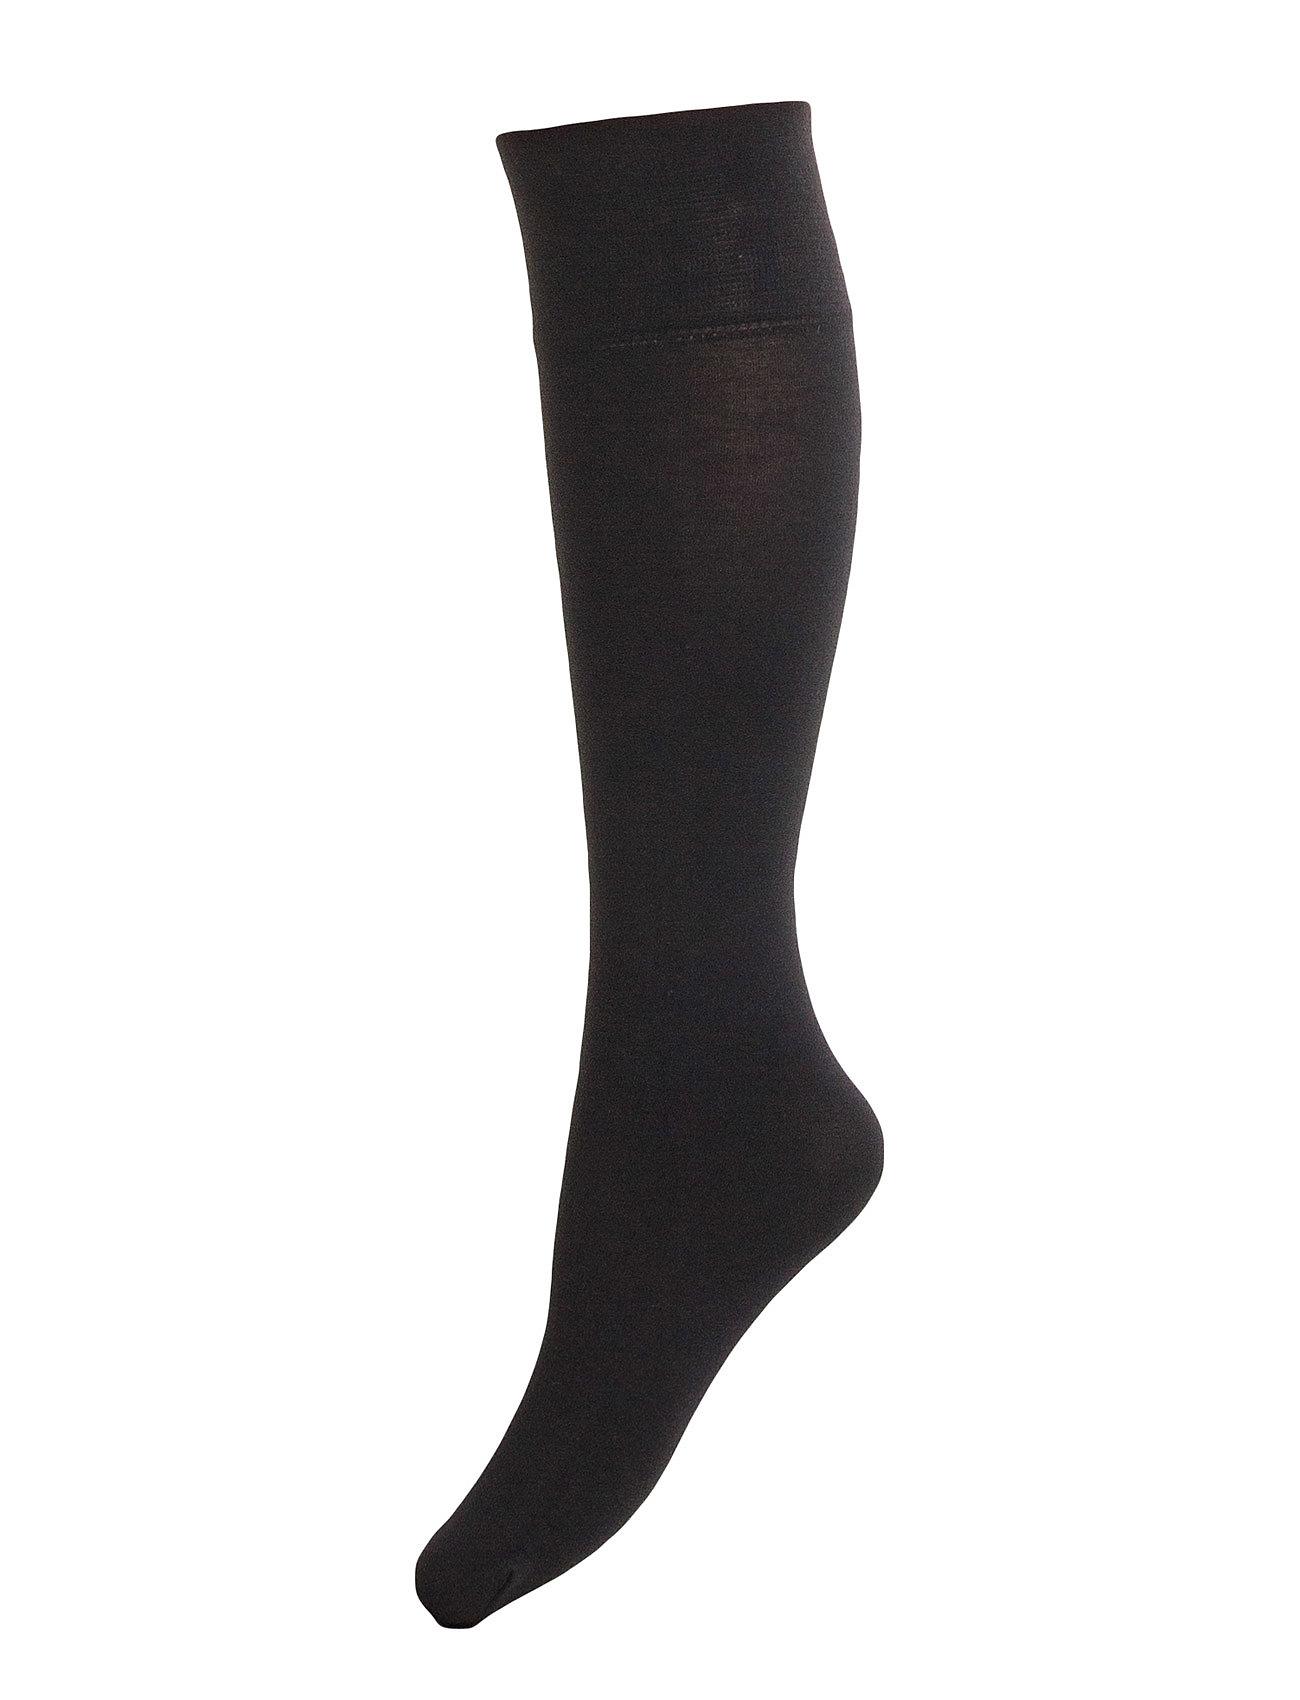 Ladies Knee High, Silky Cotton Knee Vogue Strømpebukser til Damer i Sort